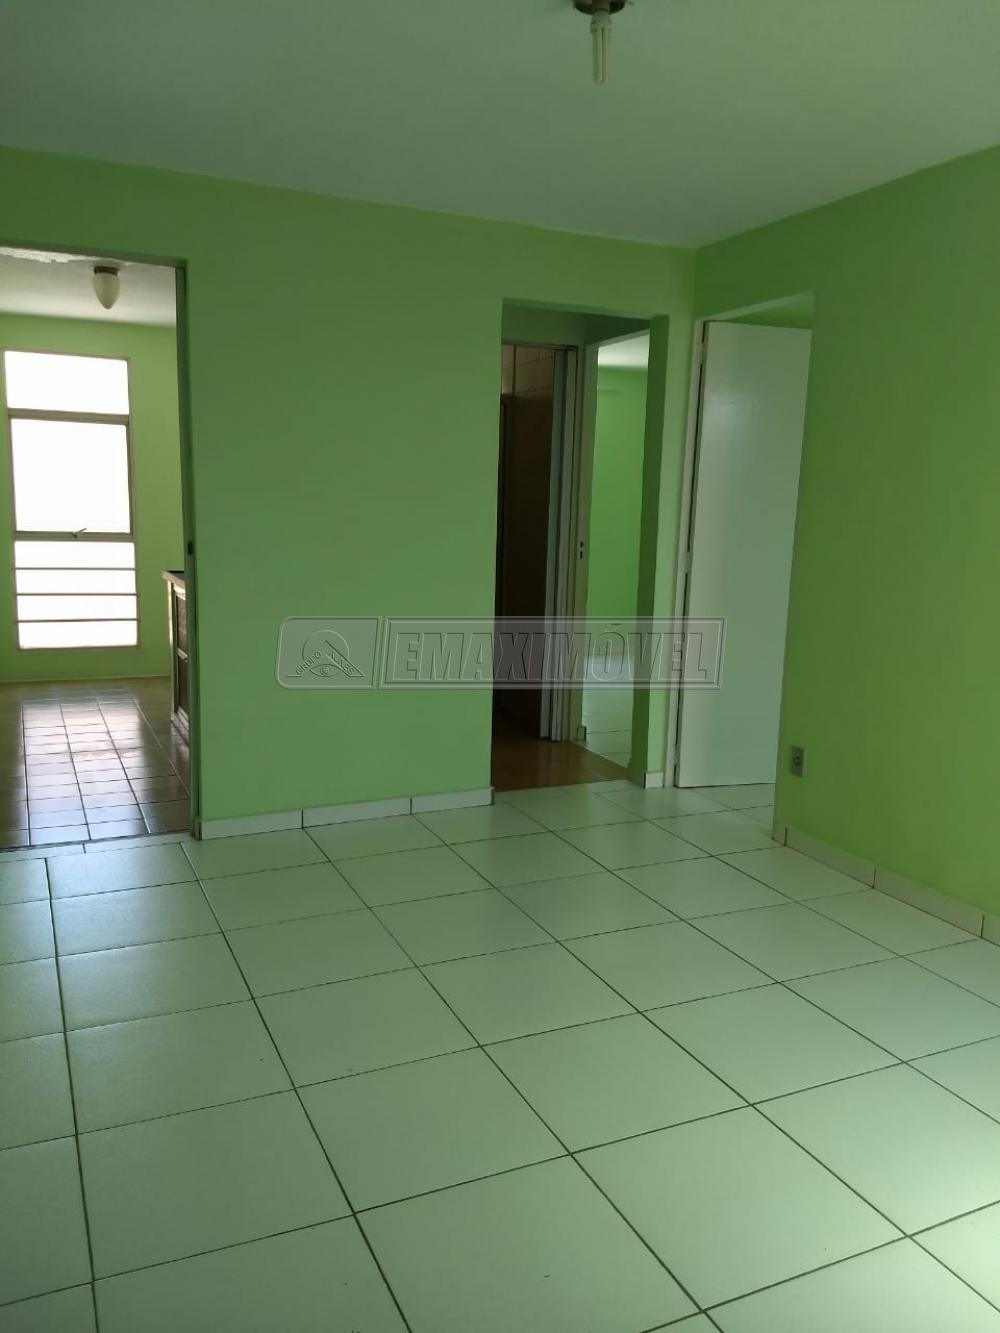 Comprar Apartamento / Padrão em Sorocaba R$ 148.400,00 - Foto 4